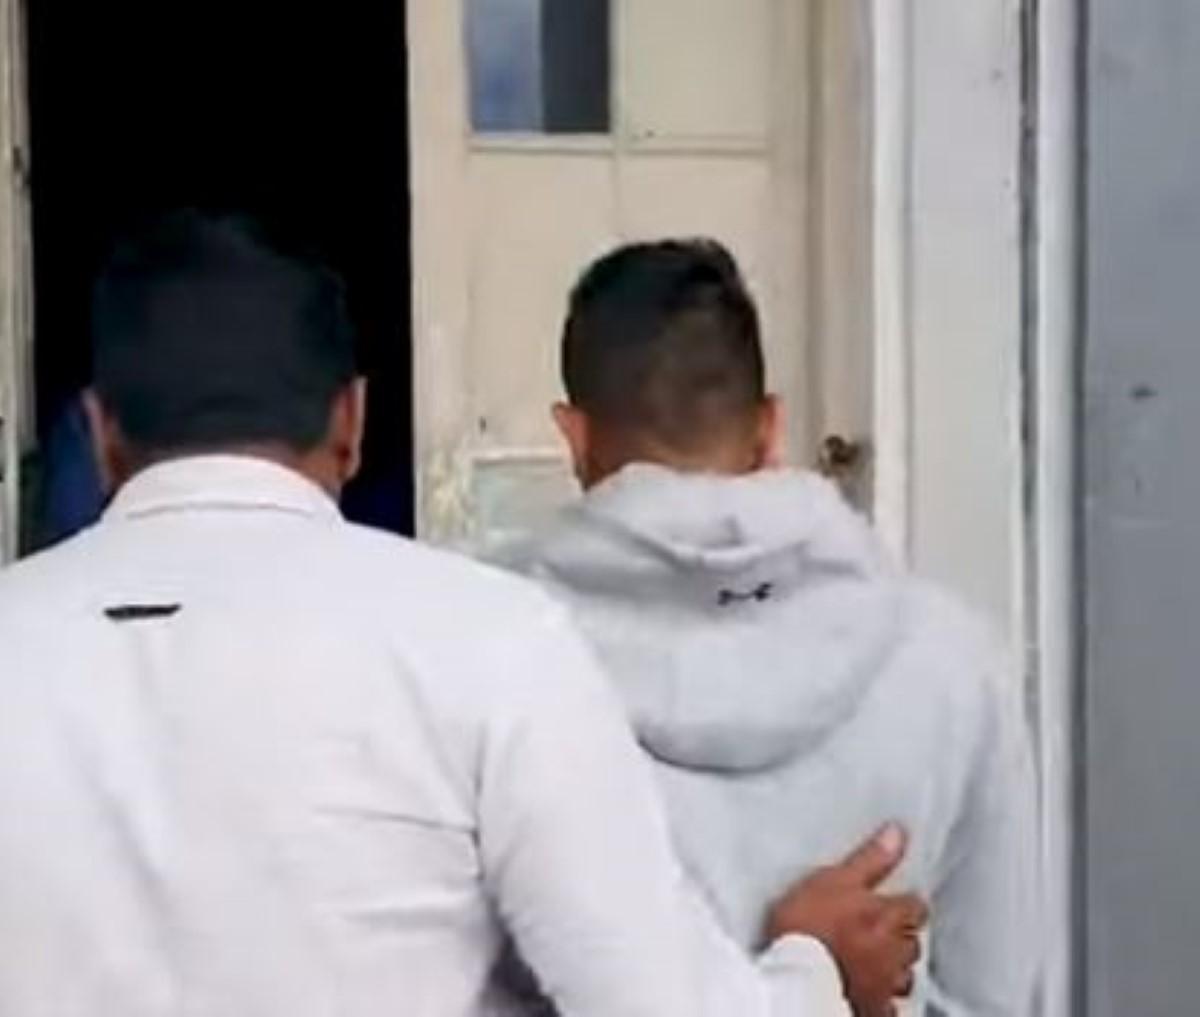 Drame à Floréal : la police en quête d'un témoin mystérieux